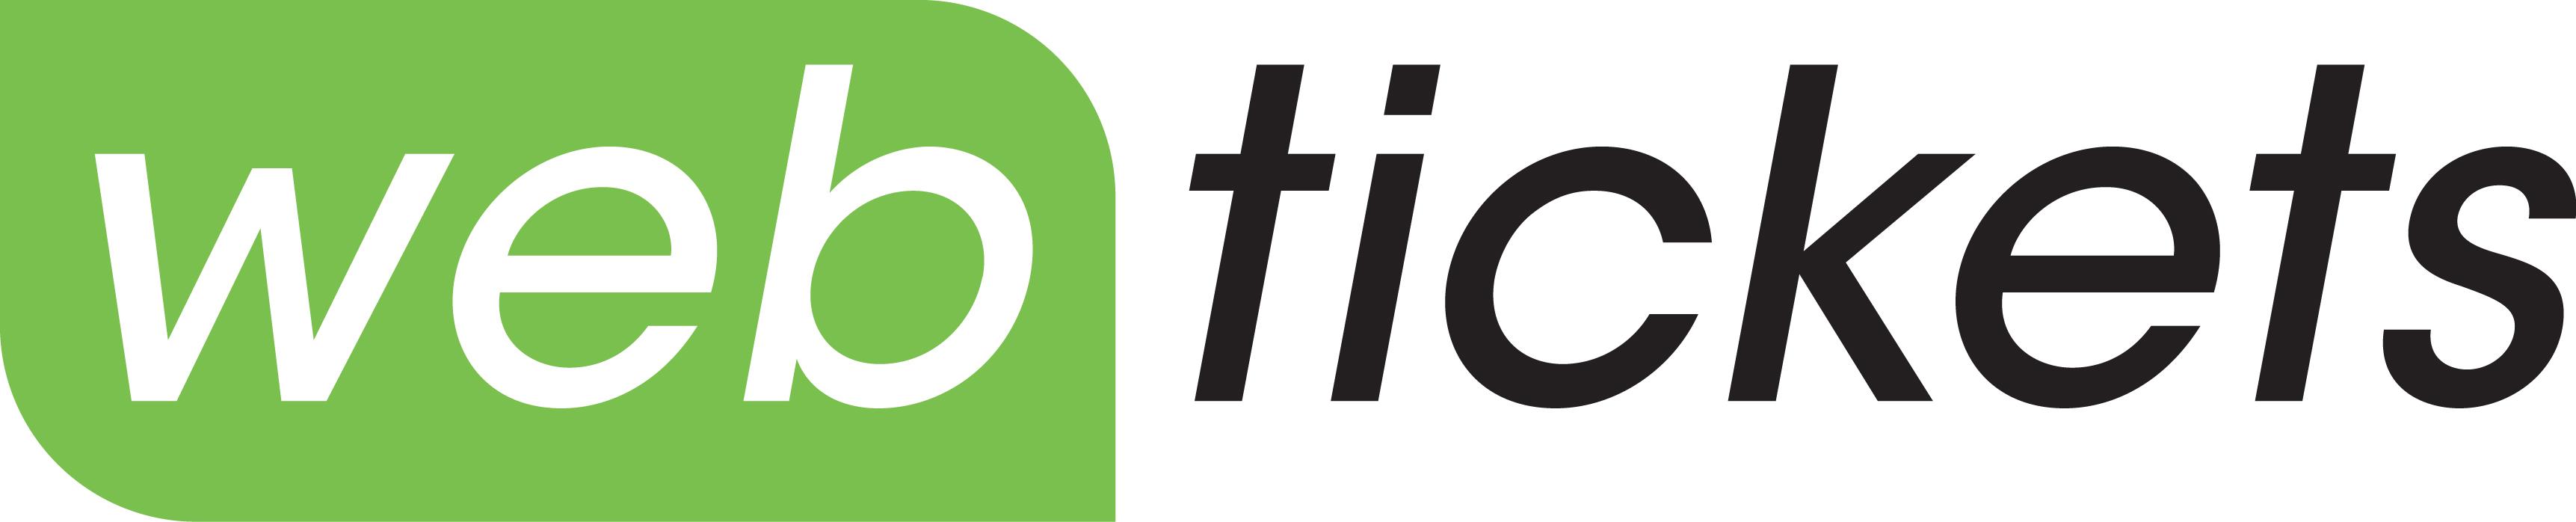 Webtickets Logo